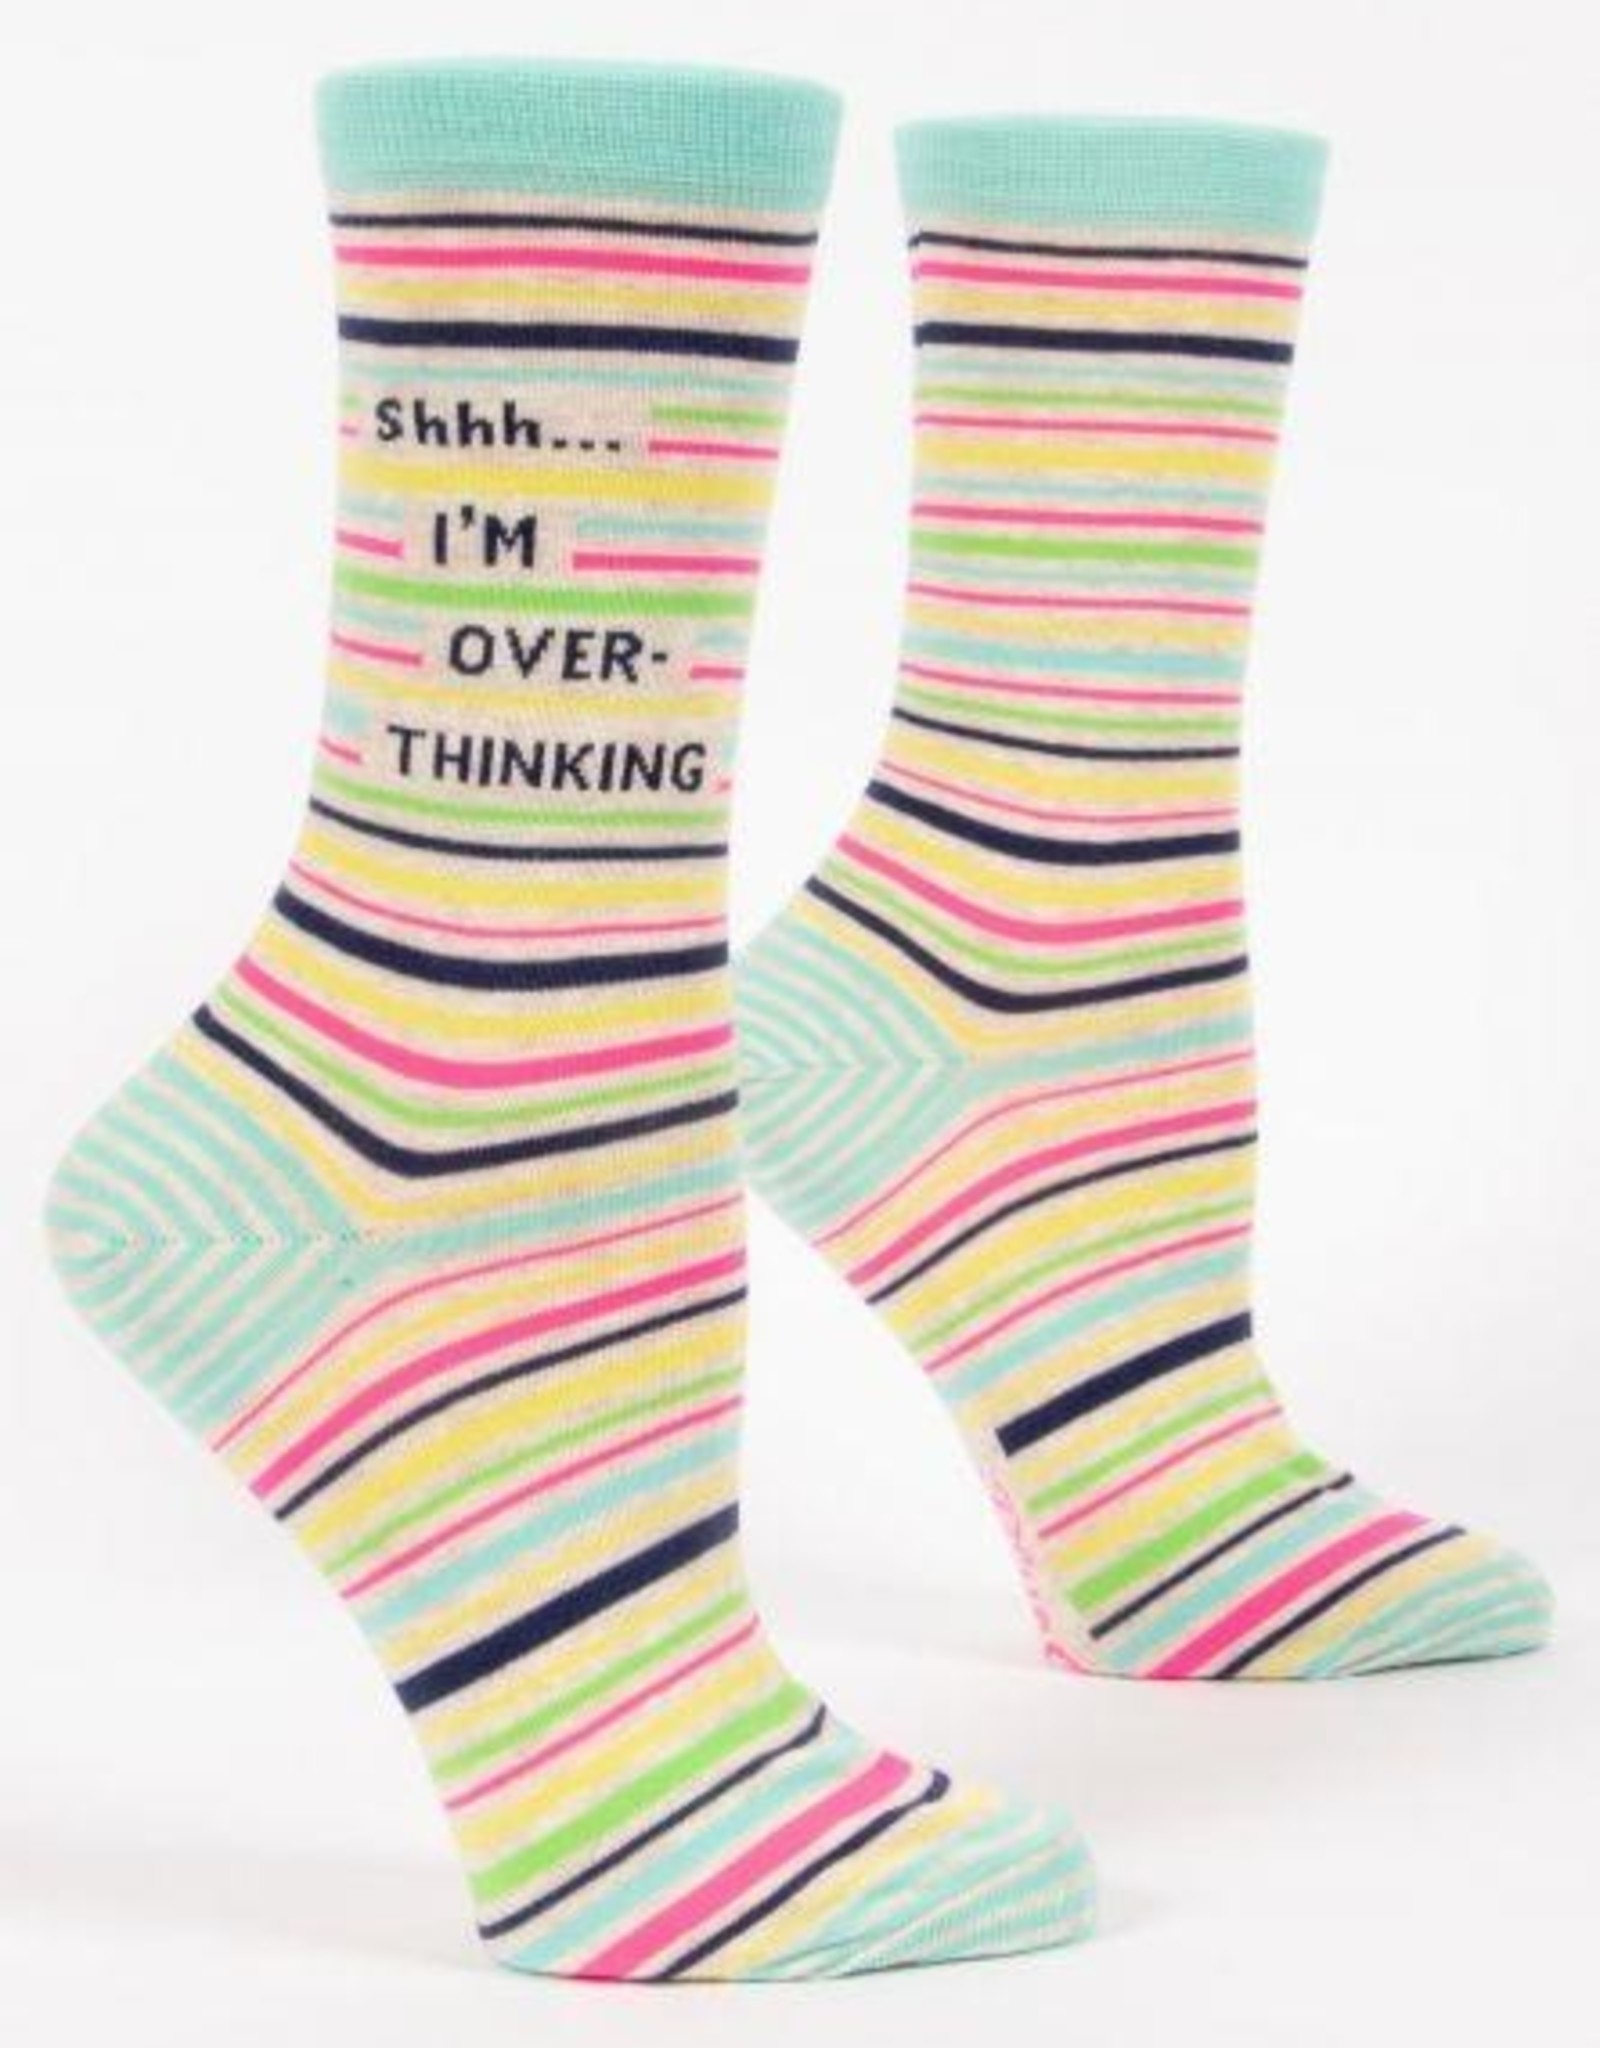 Womens Socks - Shhh I'm overthinking